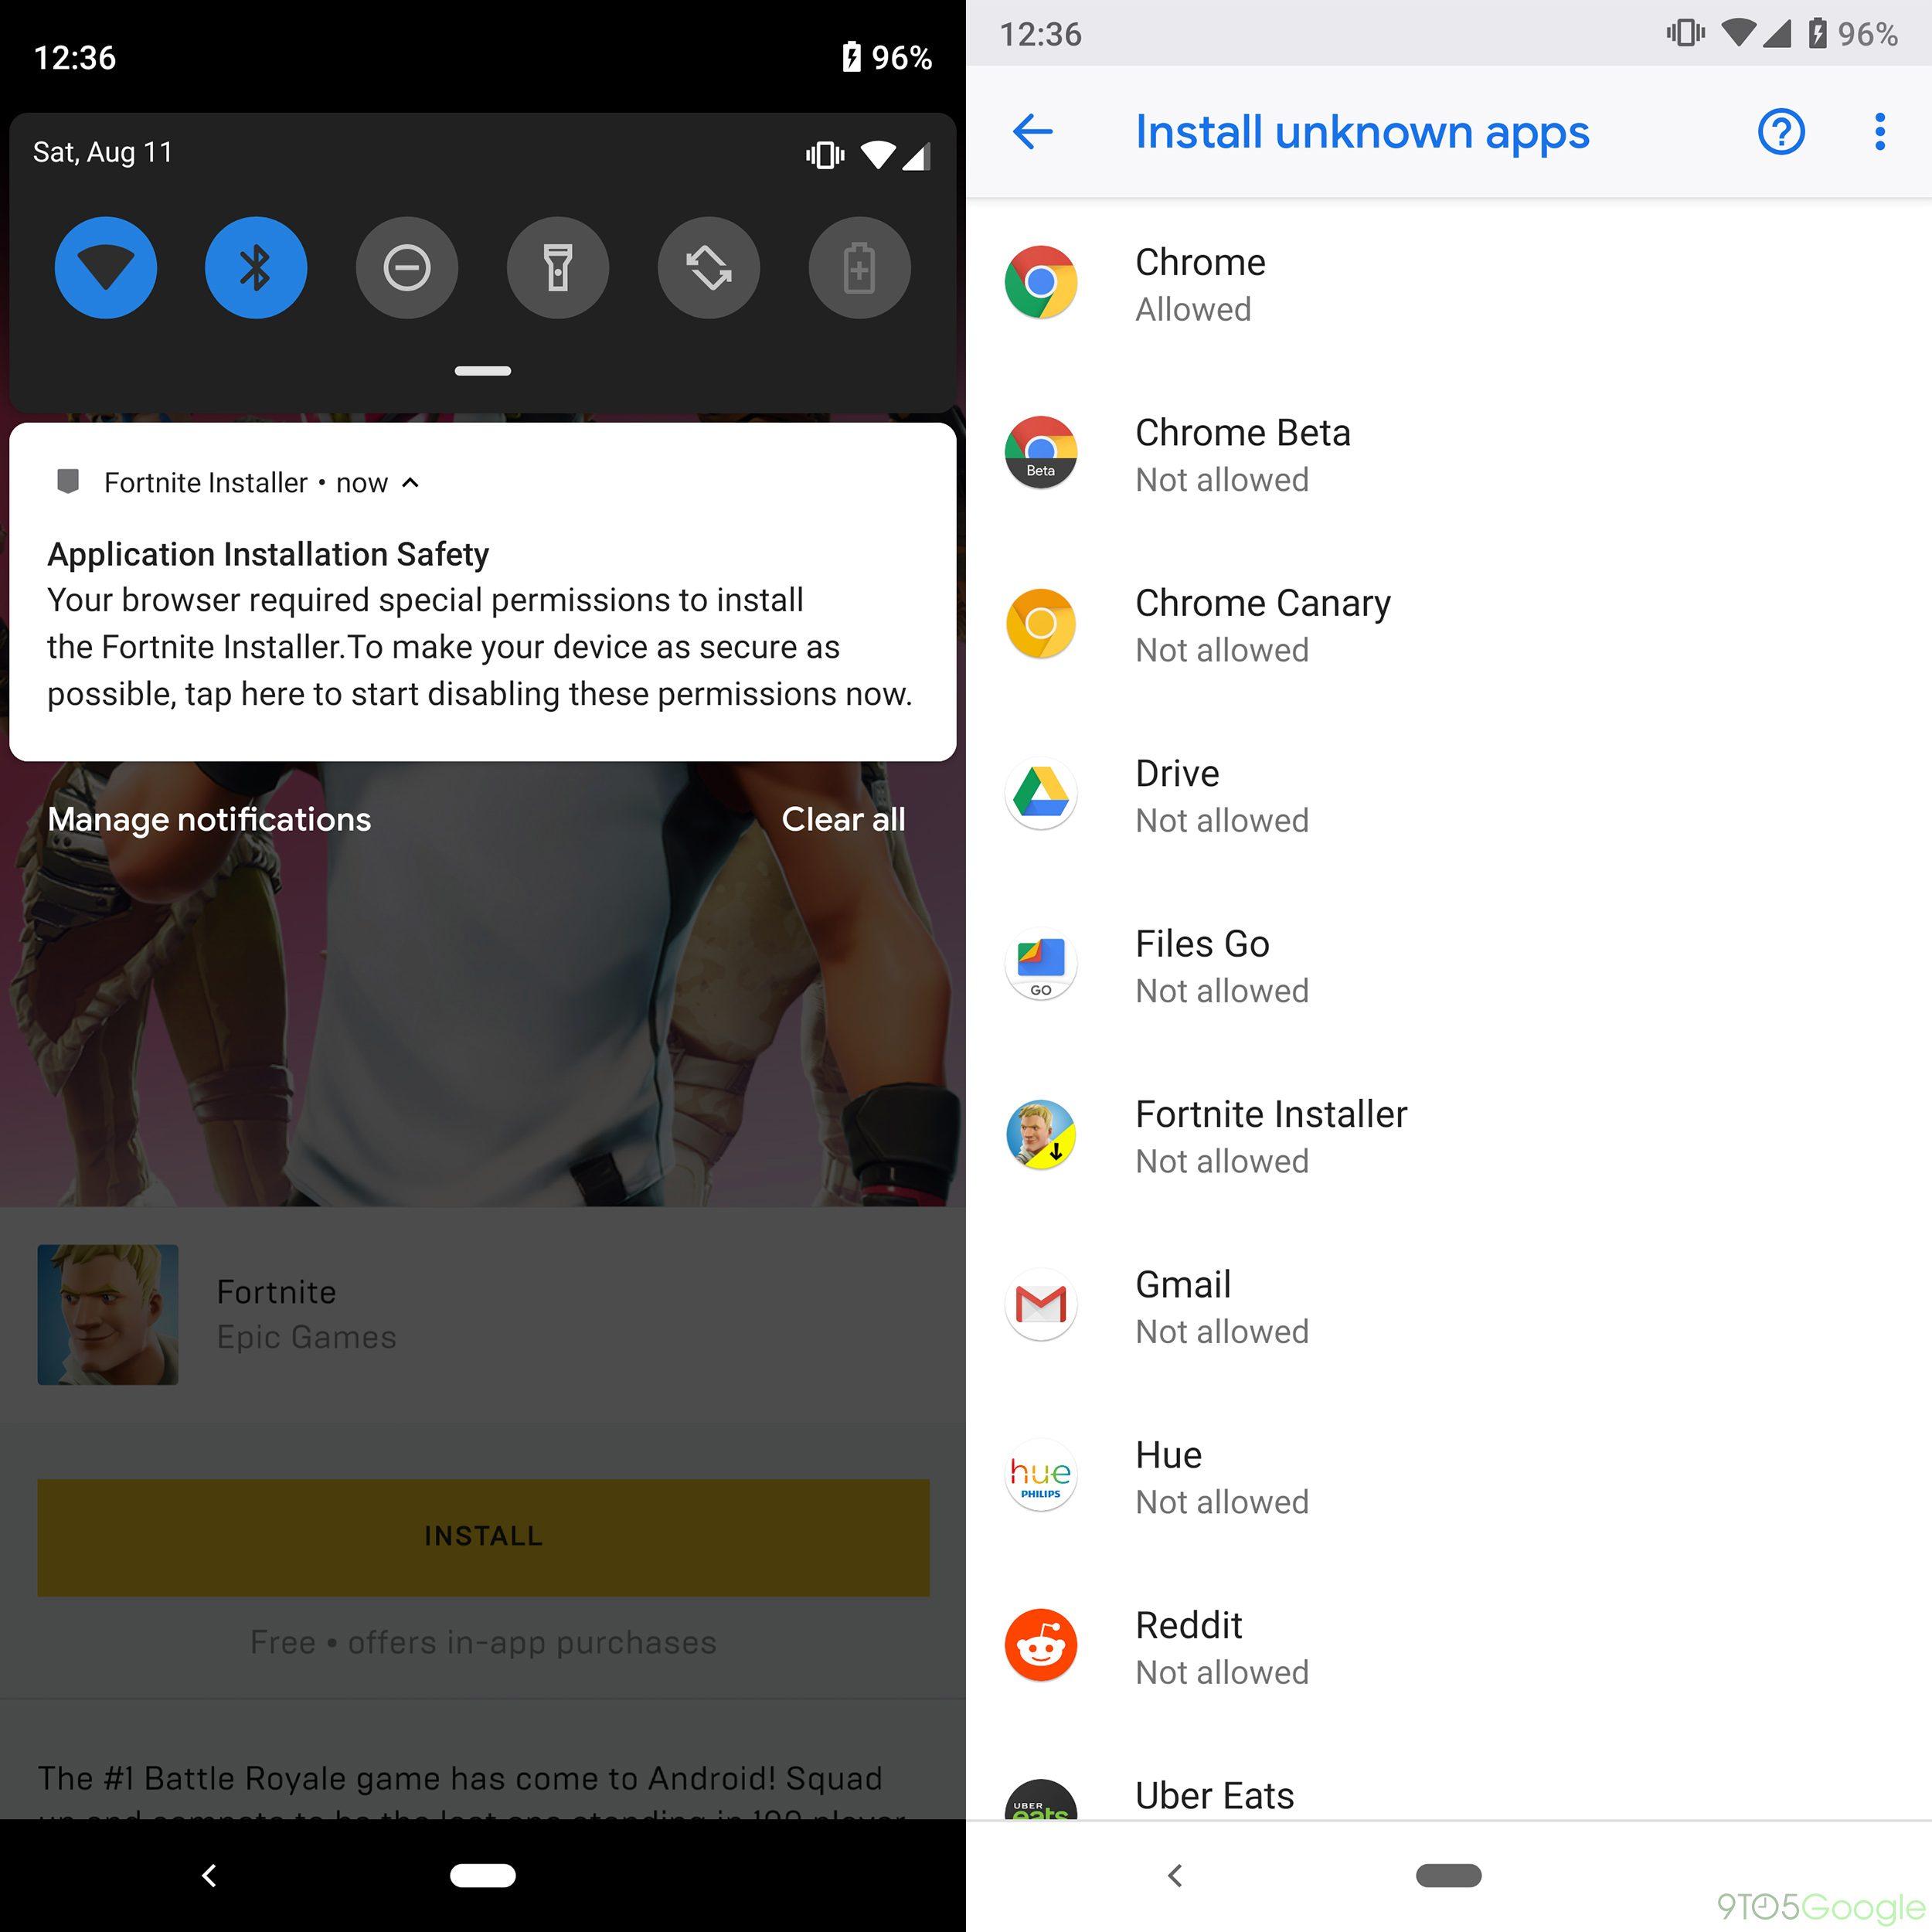 Bienveillant, Fortnite sur Android conseille de désactiver l